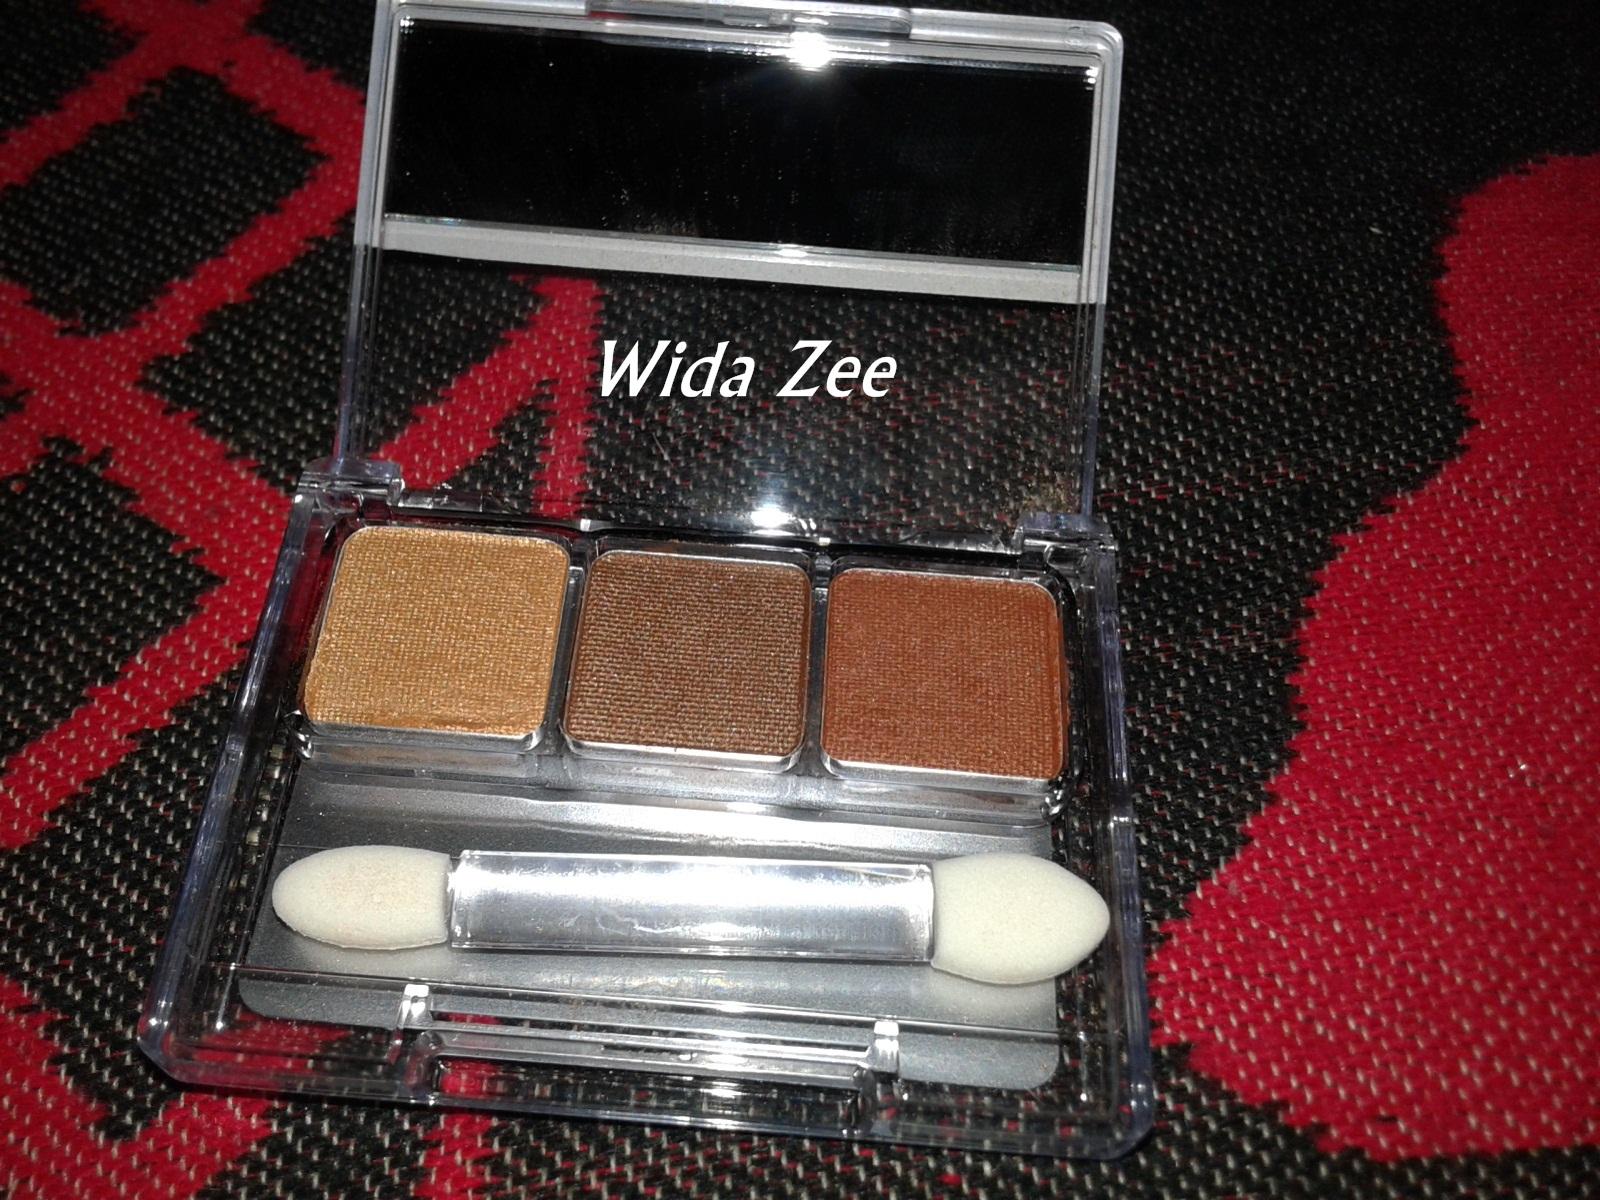 3 Produk Kosmetik Lokal dibawah Budget 150K - You're Beautiful